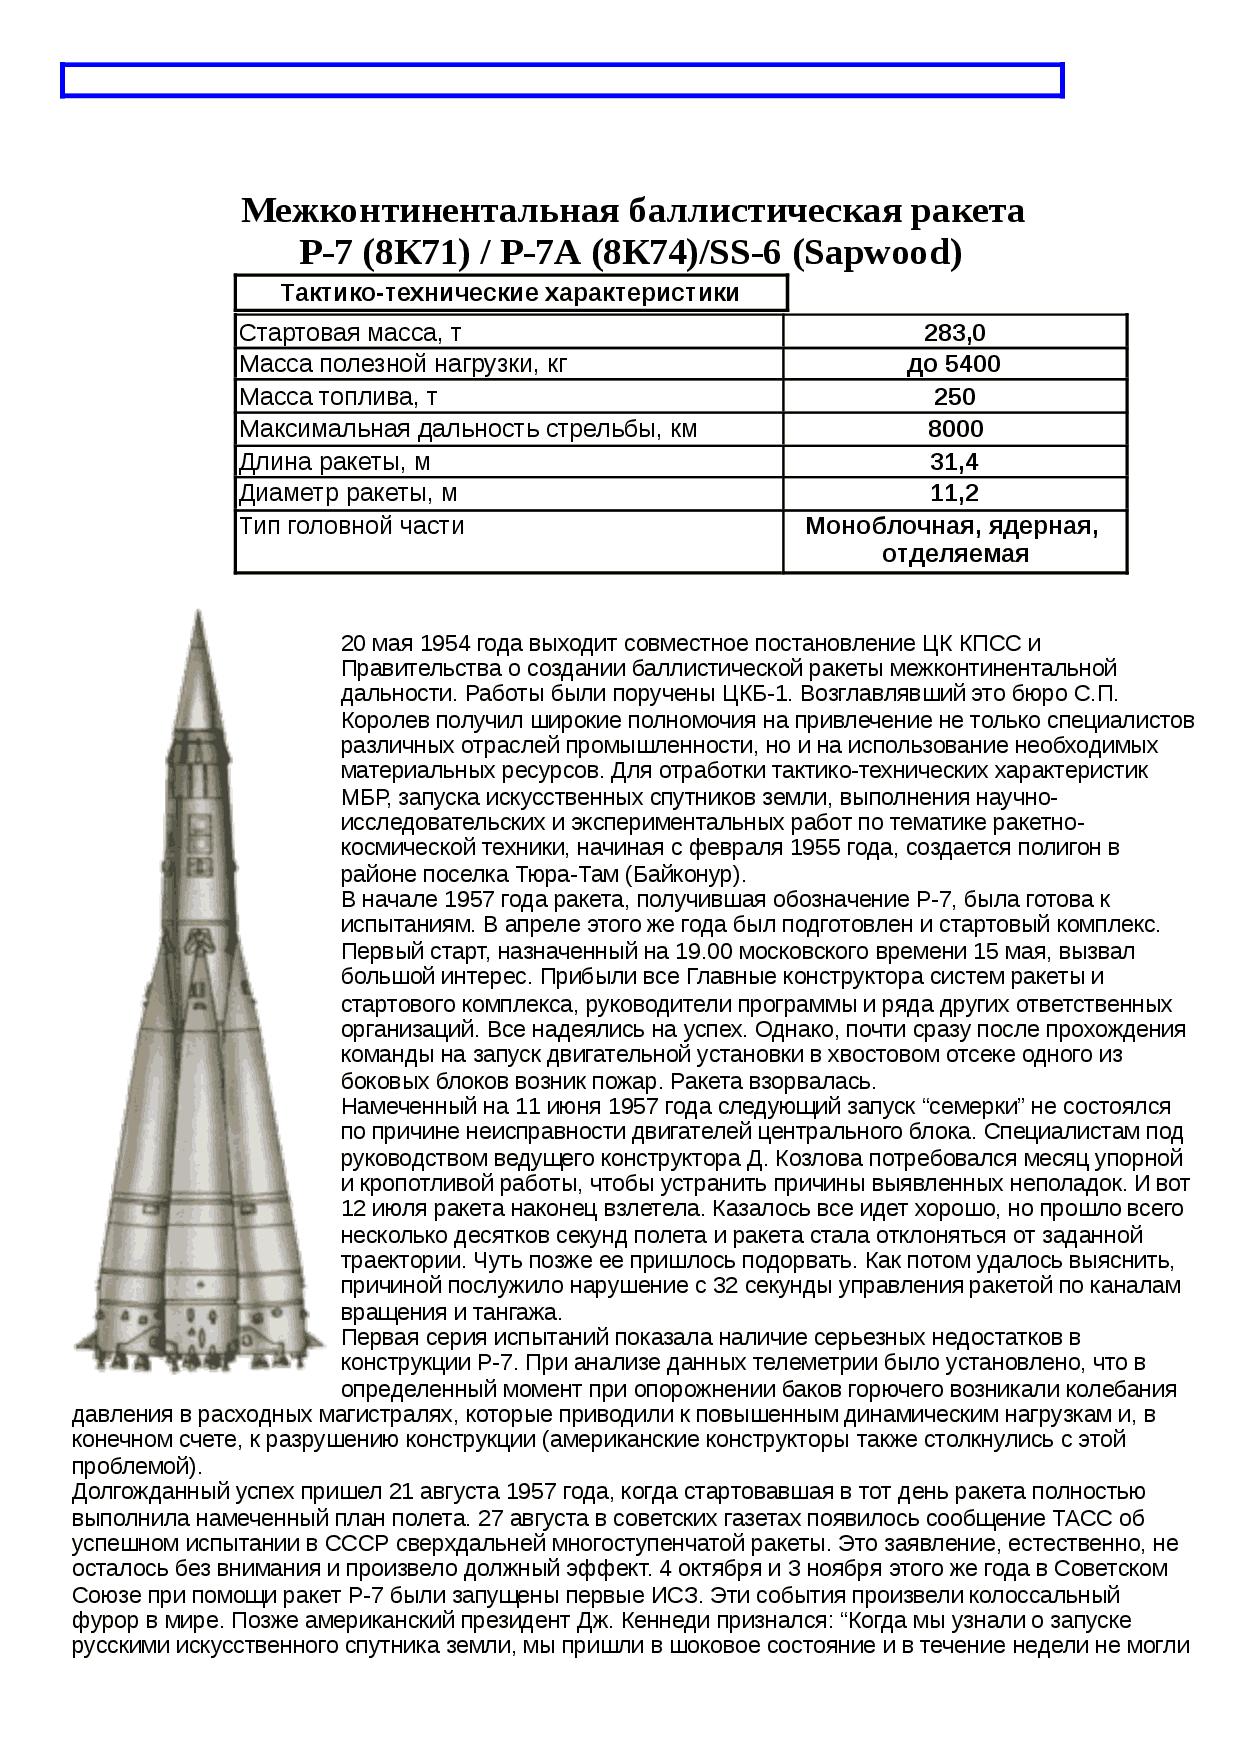 Первая в мире межконтинентальная управляемая баллистическая ракета - vergeltungswaffe 2 или v-2